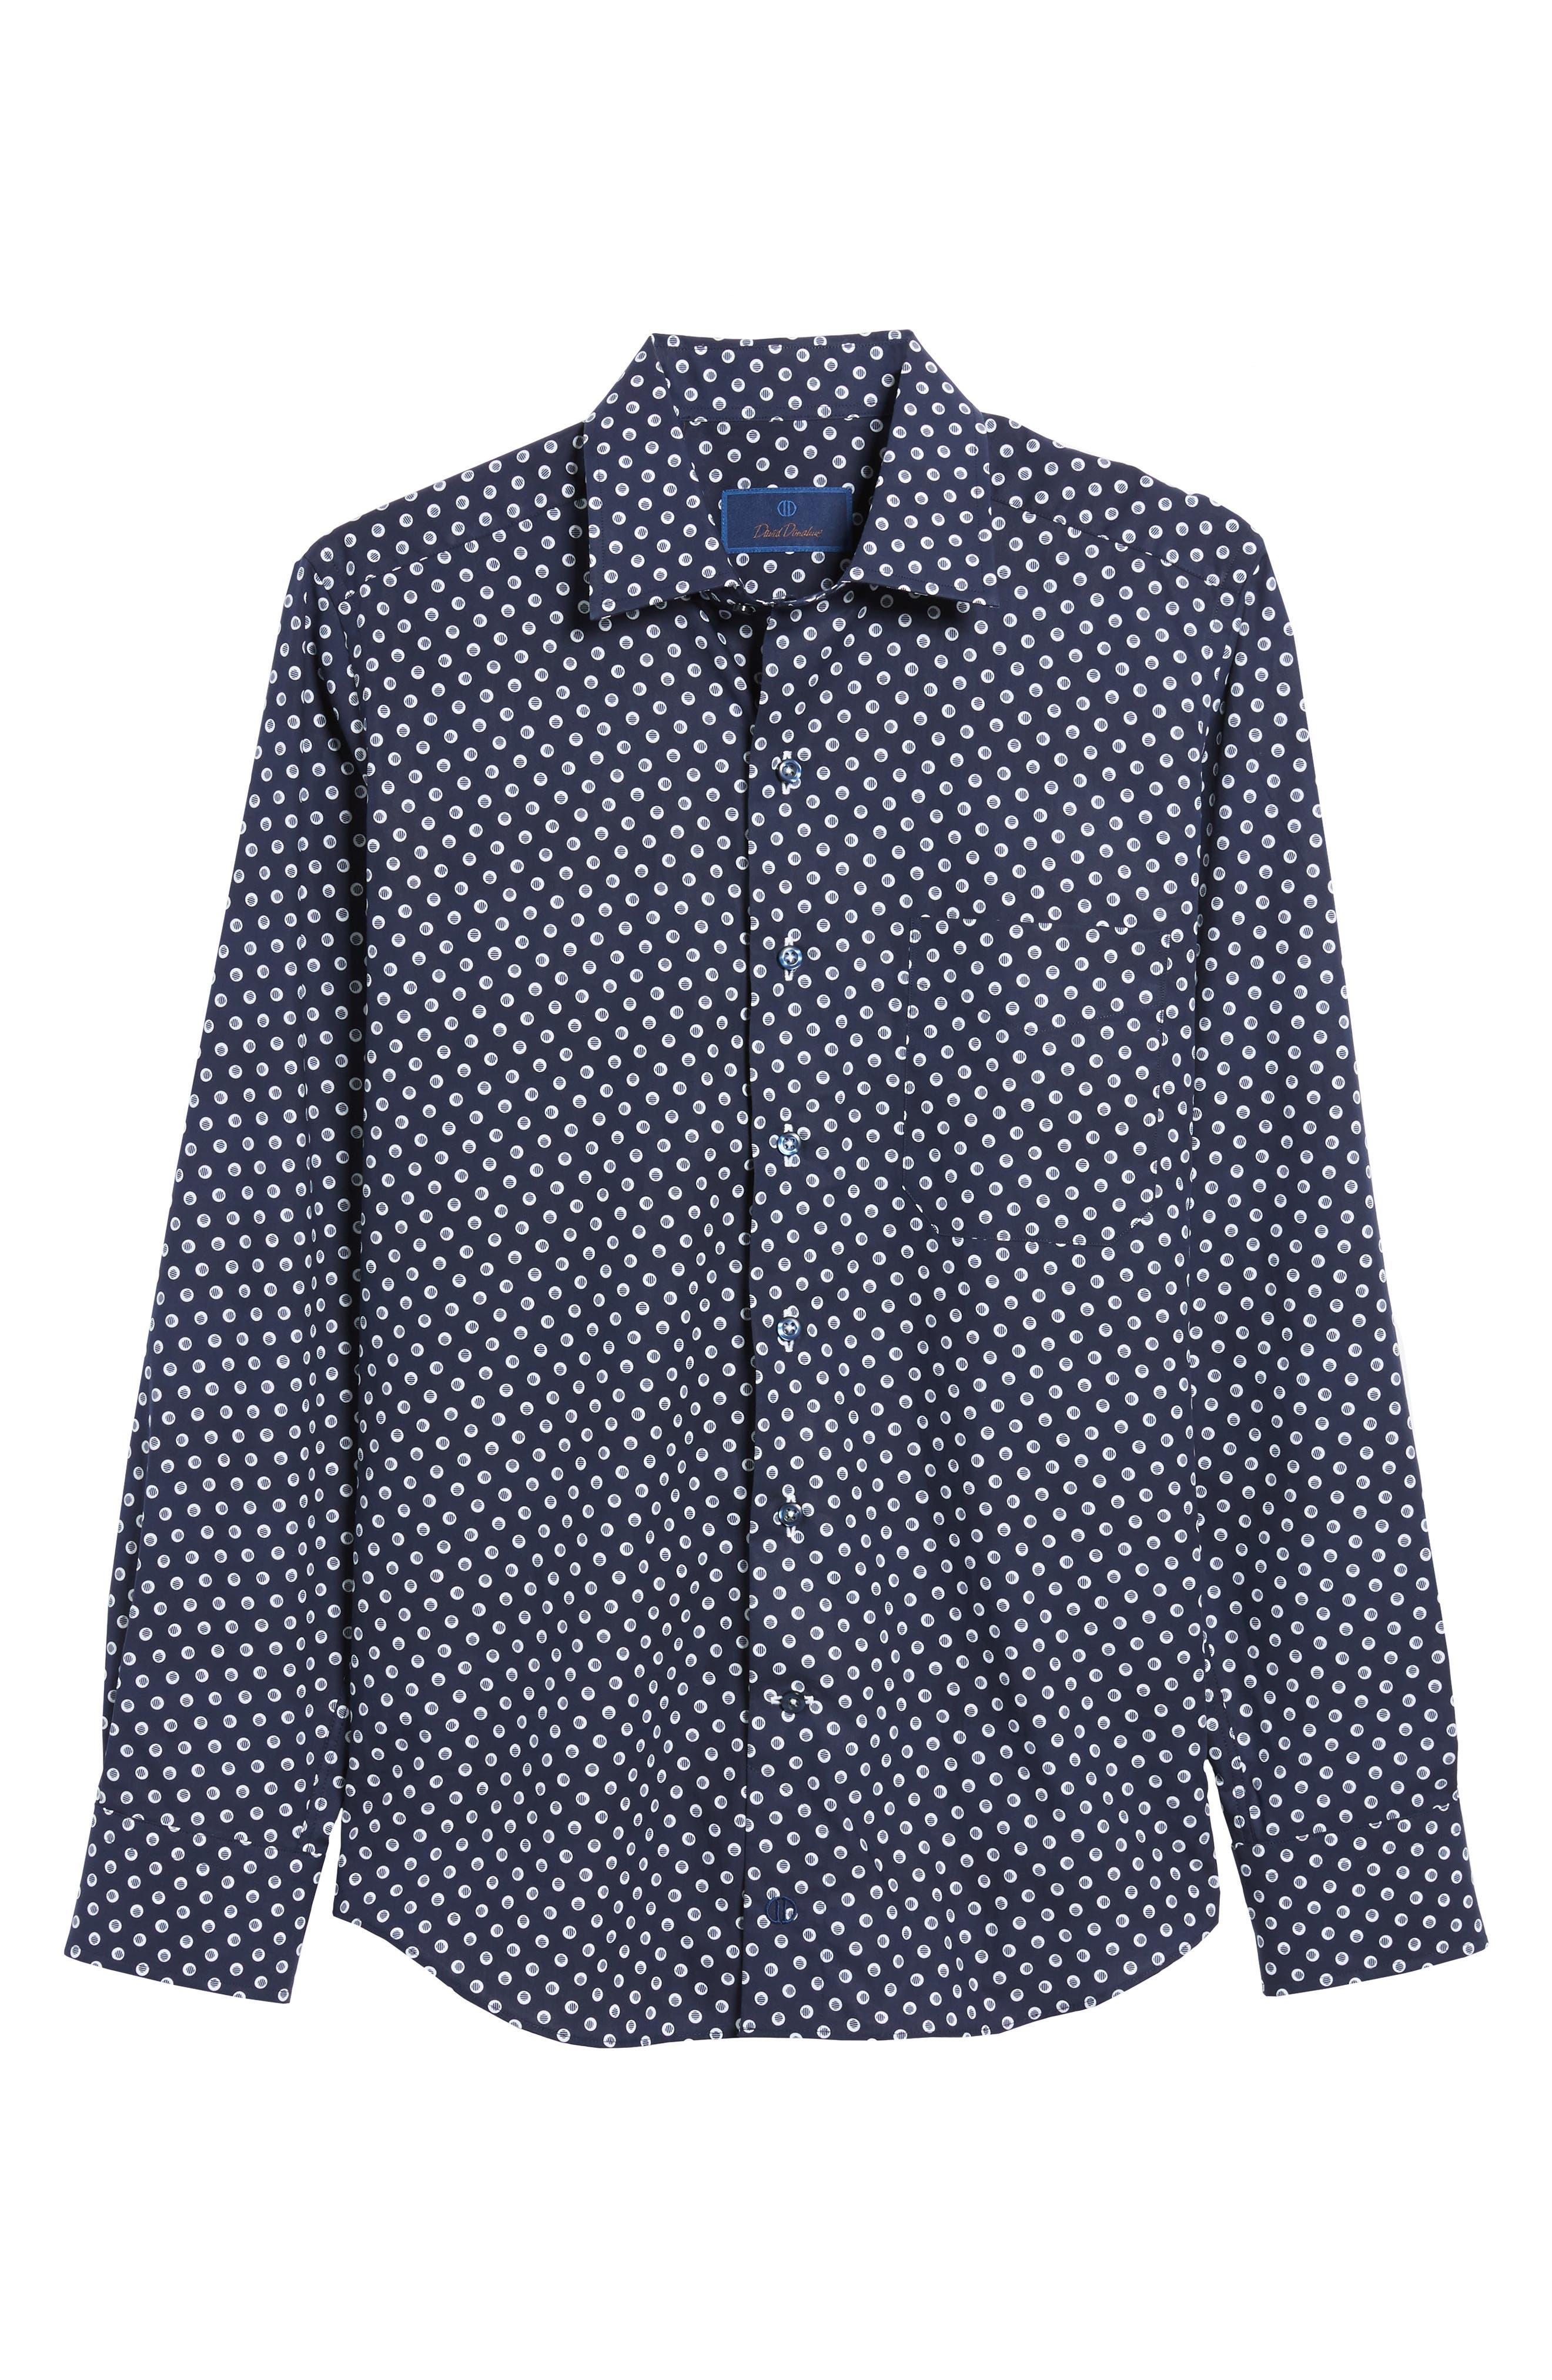 Regular Fit Dot Print Sport Shirt,                             Alternate thumbnail 6, color,                             NAVY/ WHITE